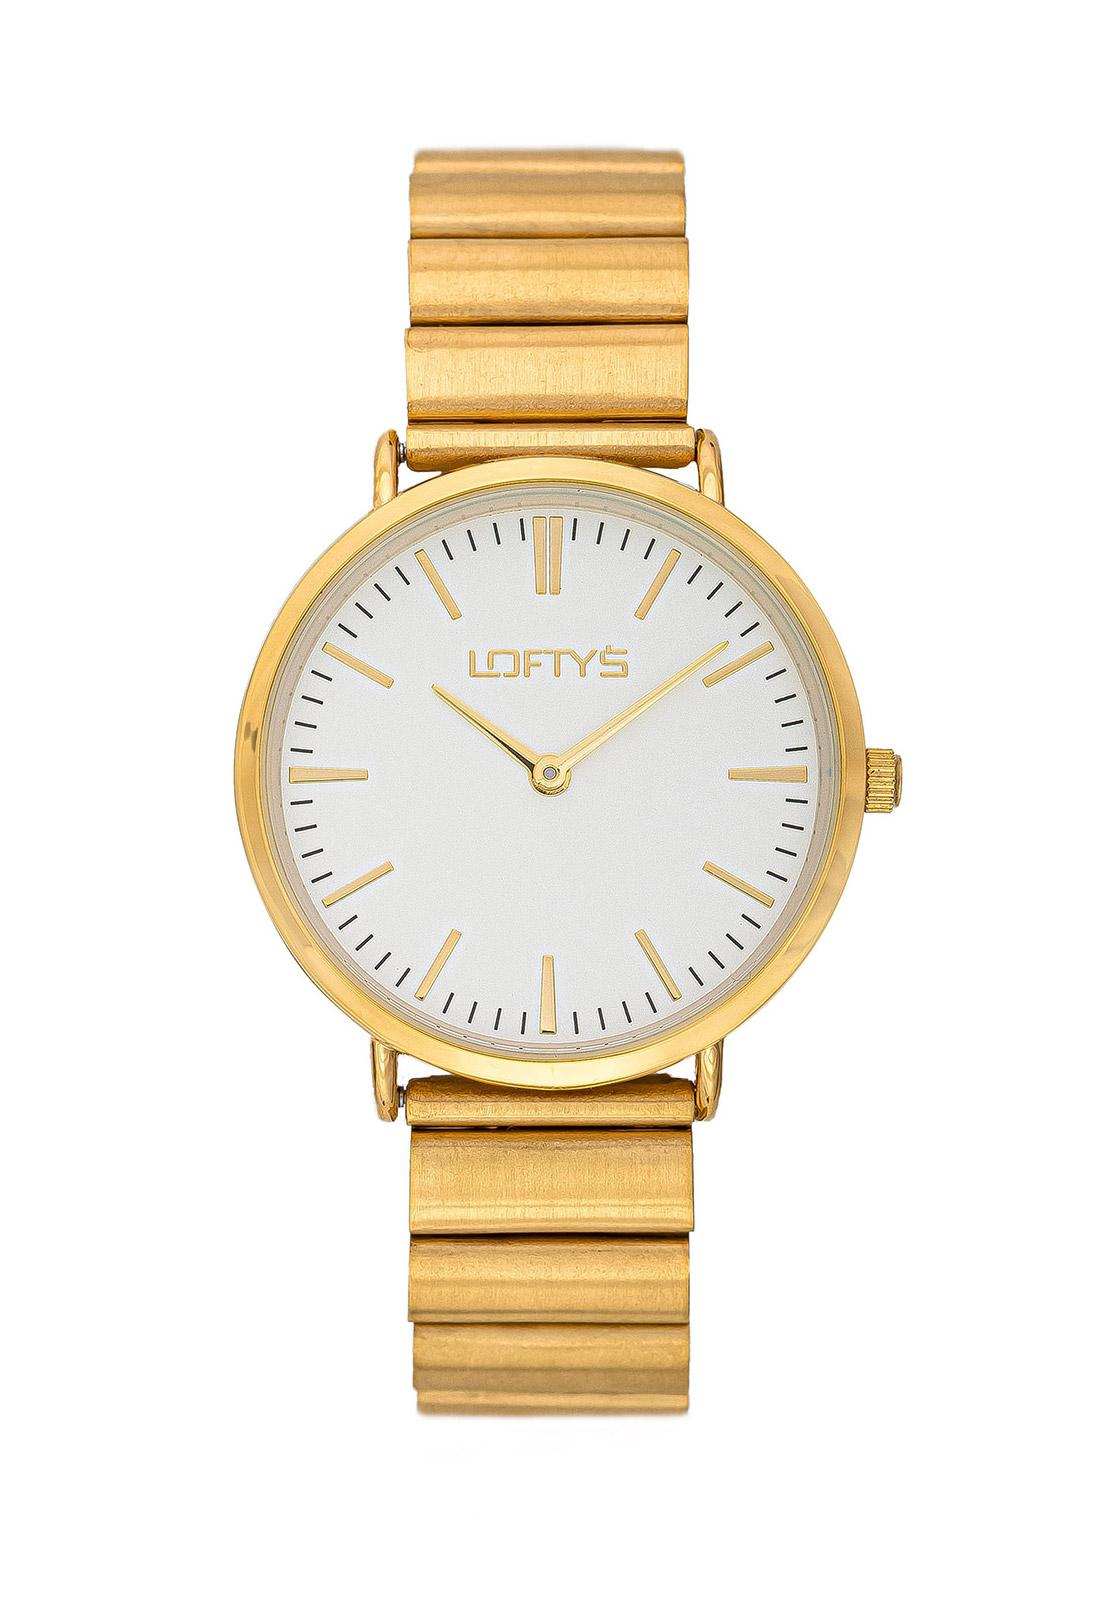 Ρολόι Loftys Corona Χρυσό Μπρασλέ Λευκό Καντράν Y2016-23